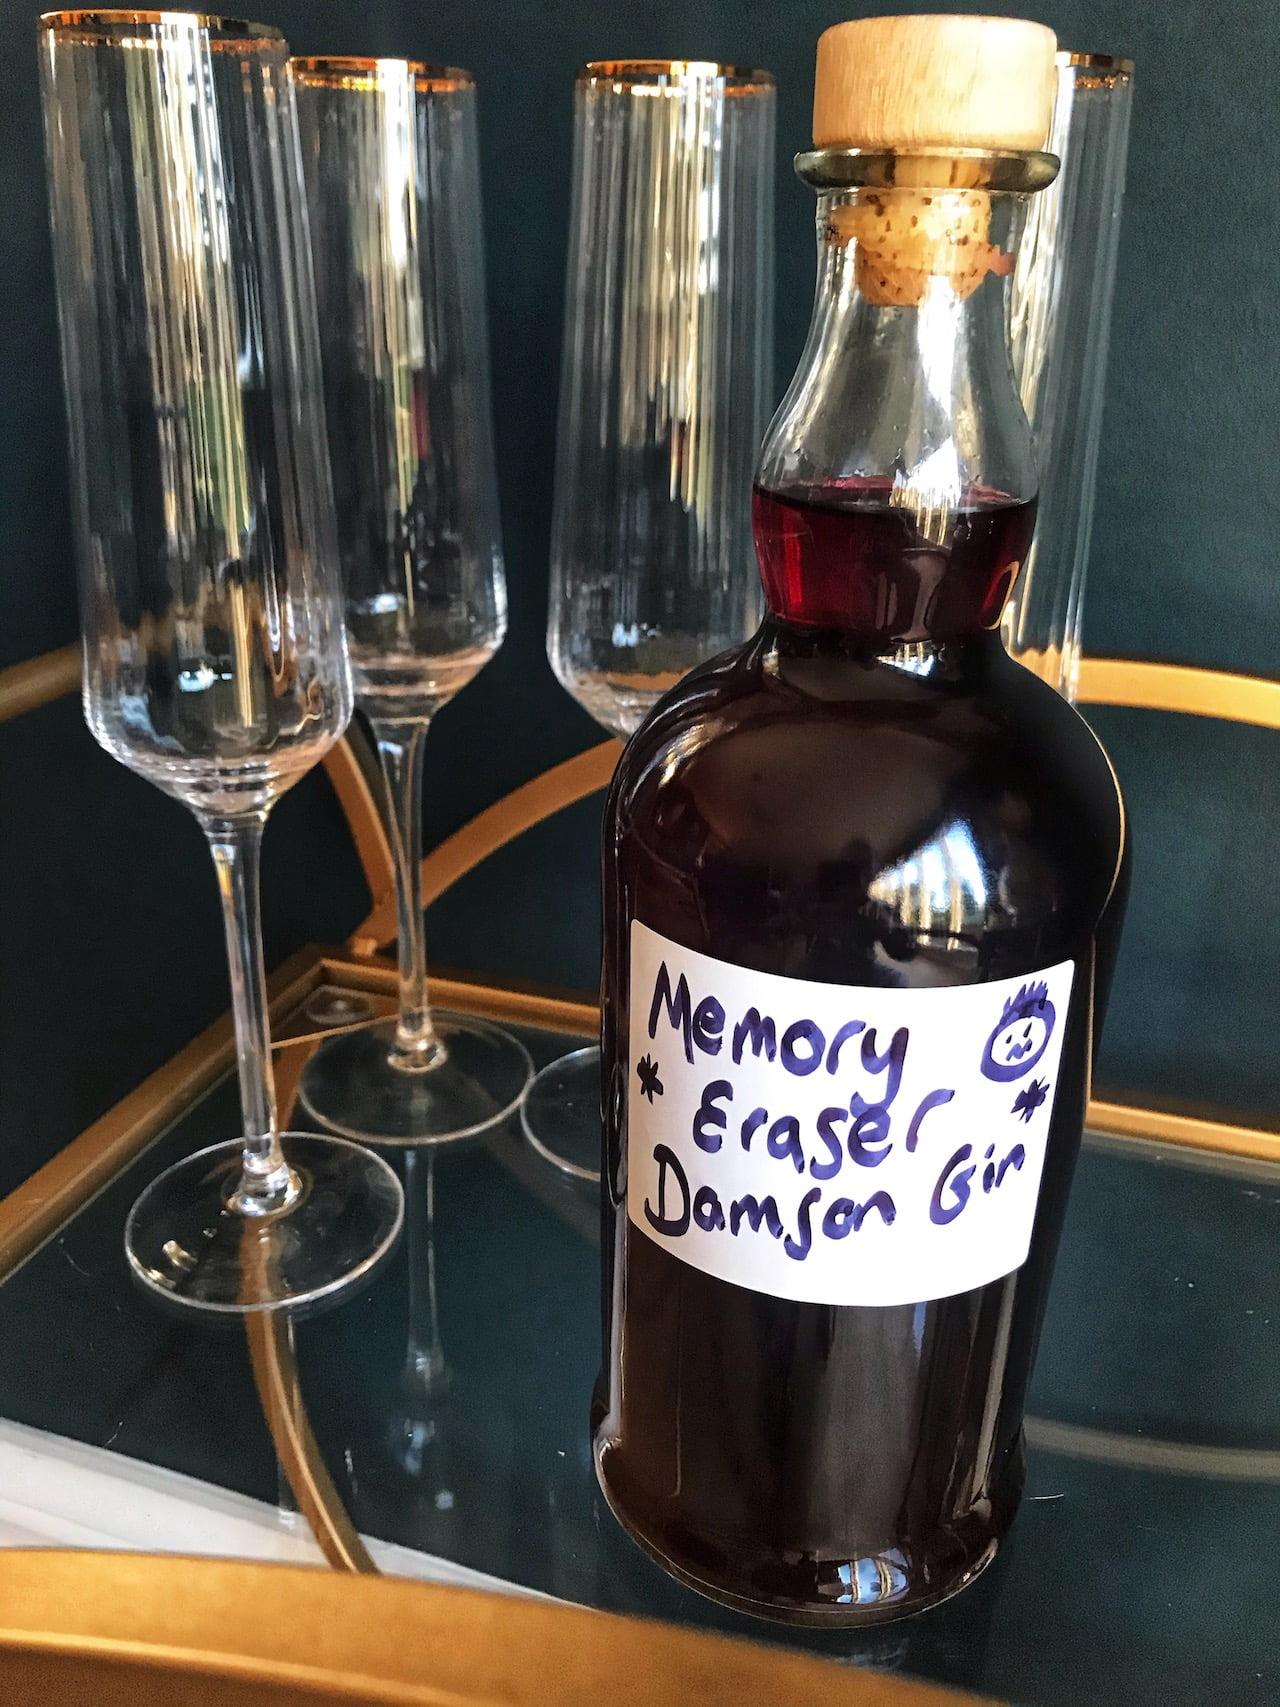 Damson gin on a shelf